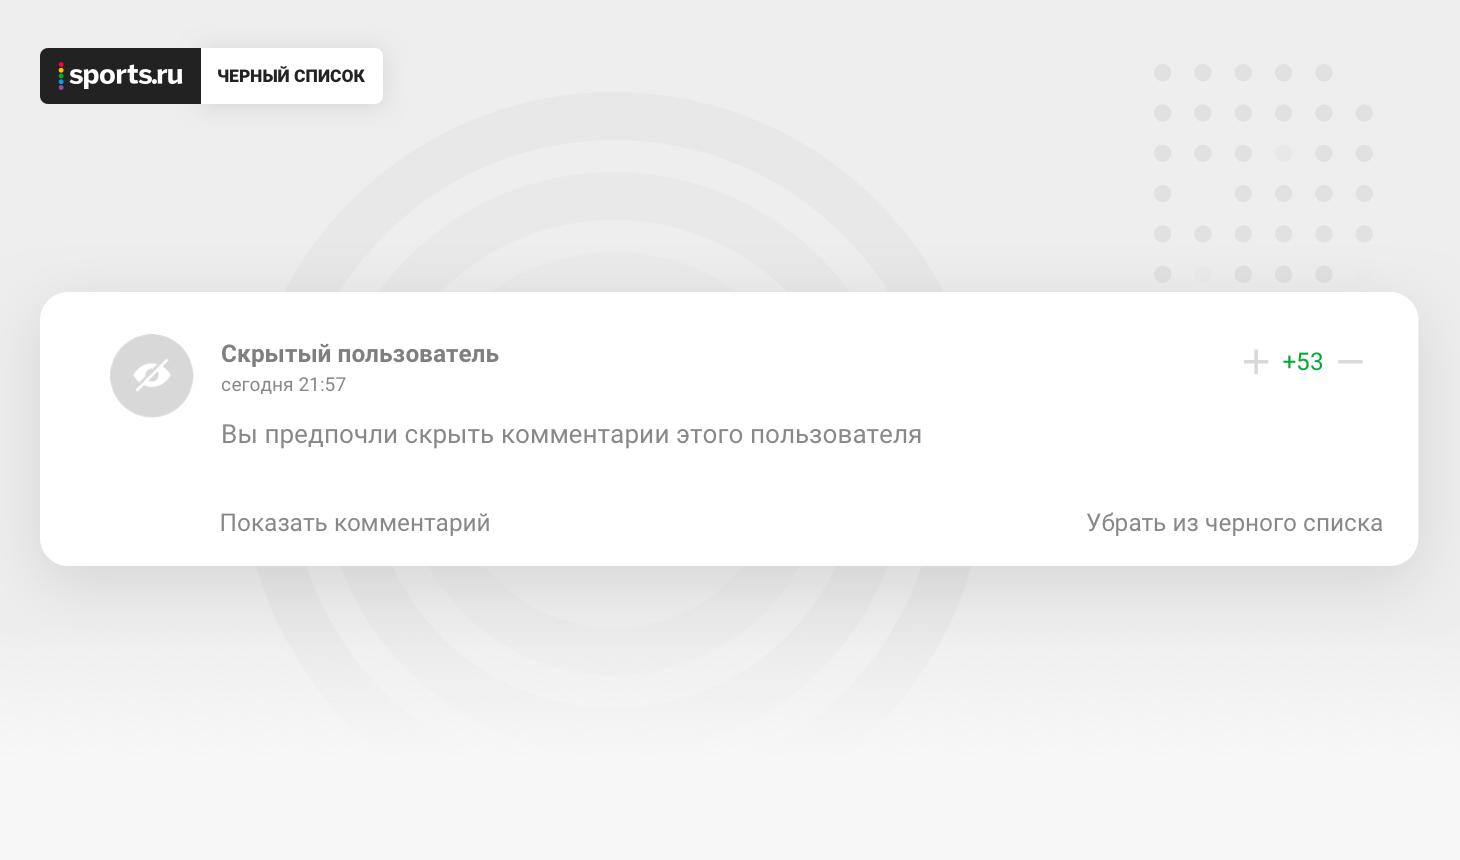 Черные списки на Sports.ru. Вы просили – мы сделали